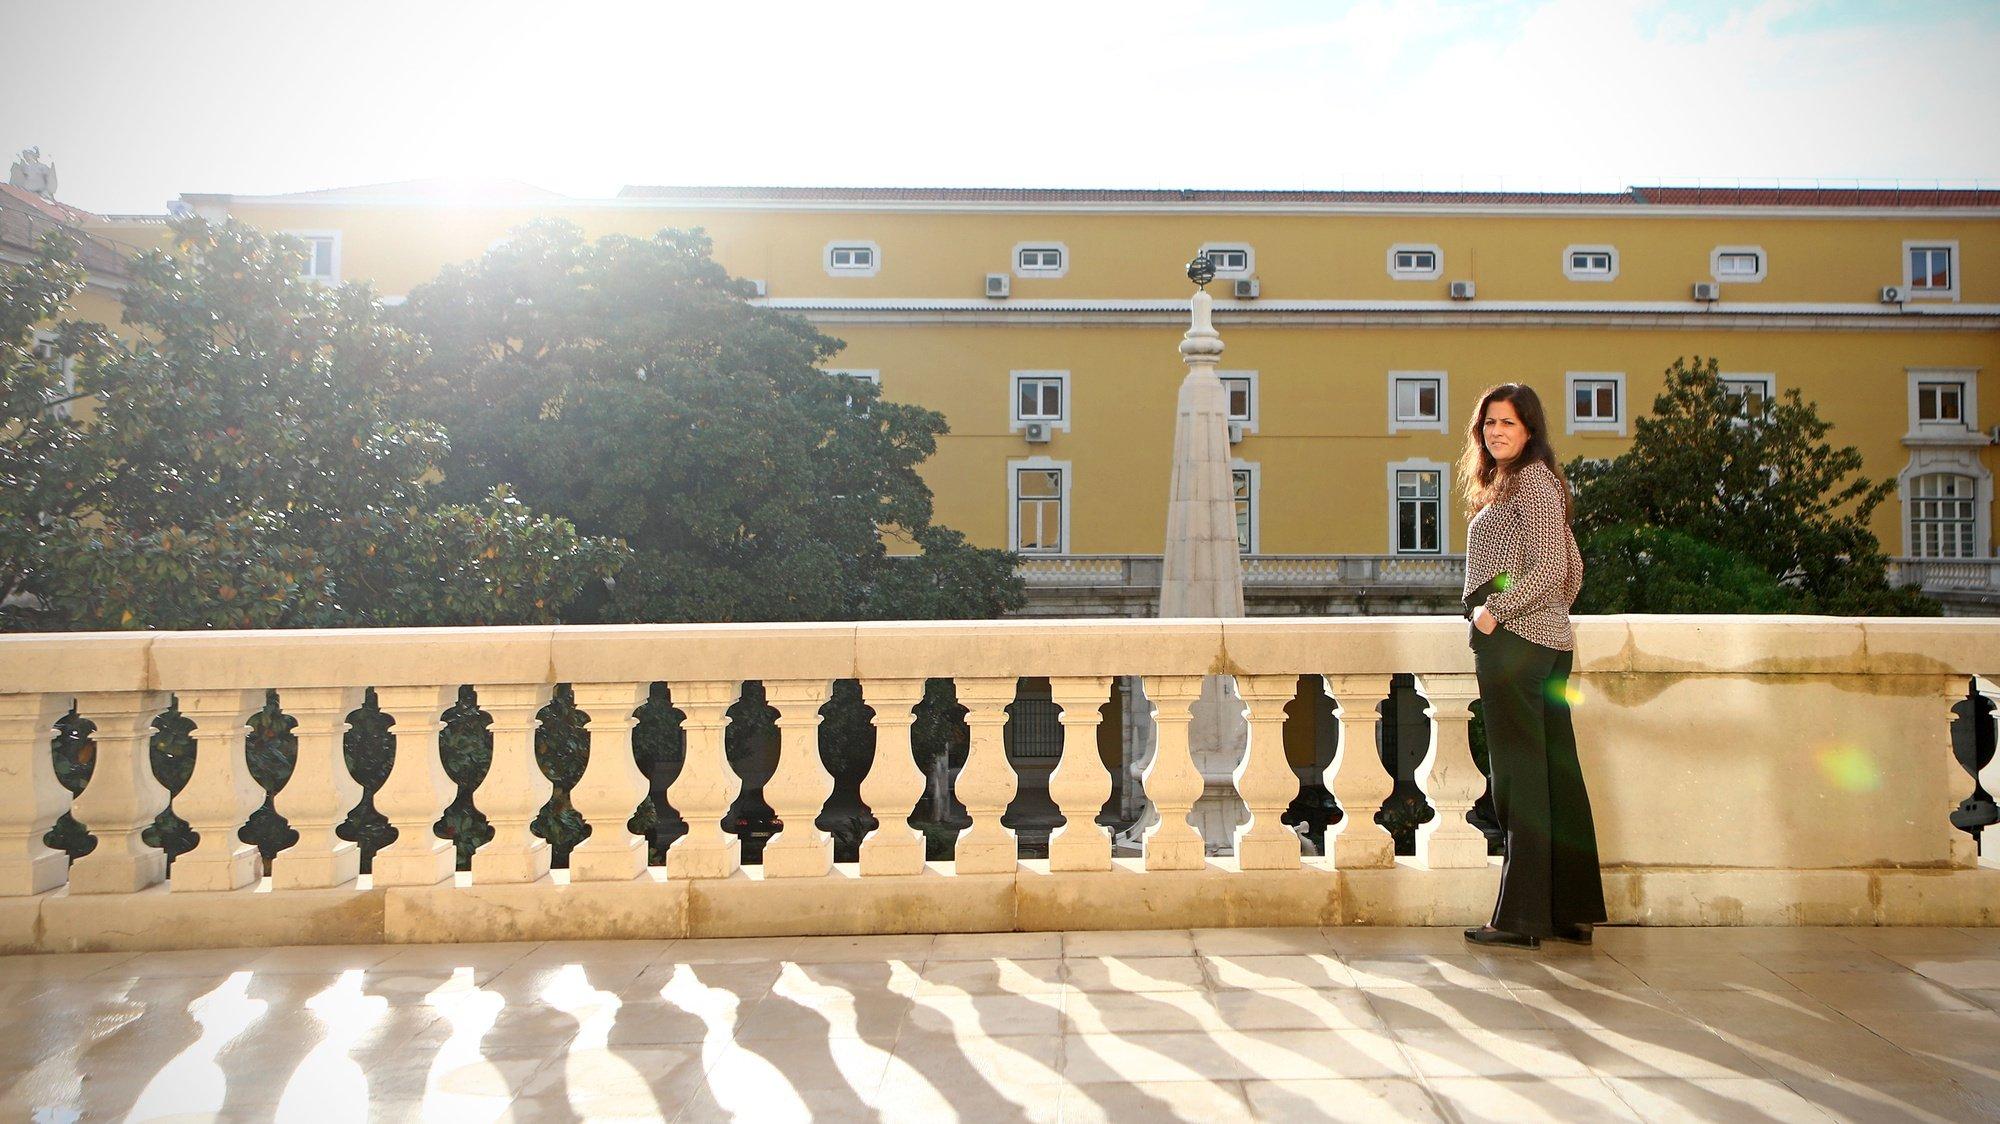 Entrevista à Secretária de Estado do Orçamento, Cláudia Joaquim, no Ministério das Finanças, em Lisboa, 06 de novembro de 2020.  (ACOMPANHA TEXTO DO DIA 10 NOVEMBRO 2020).  ANTÓNIO PEDRO SANTOS/LUSA